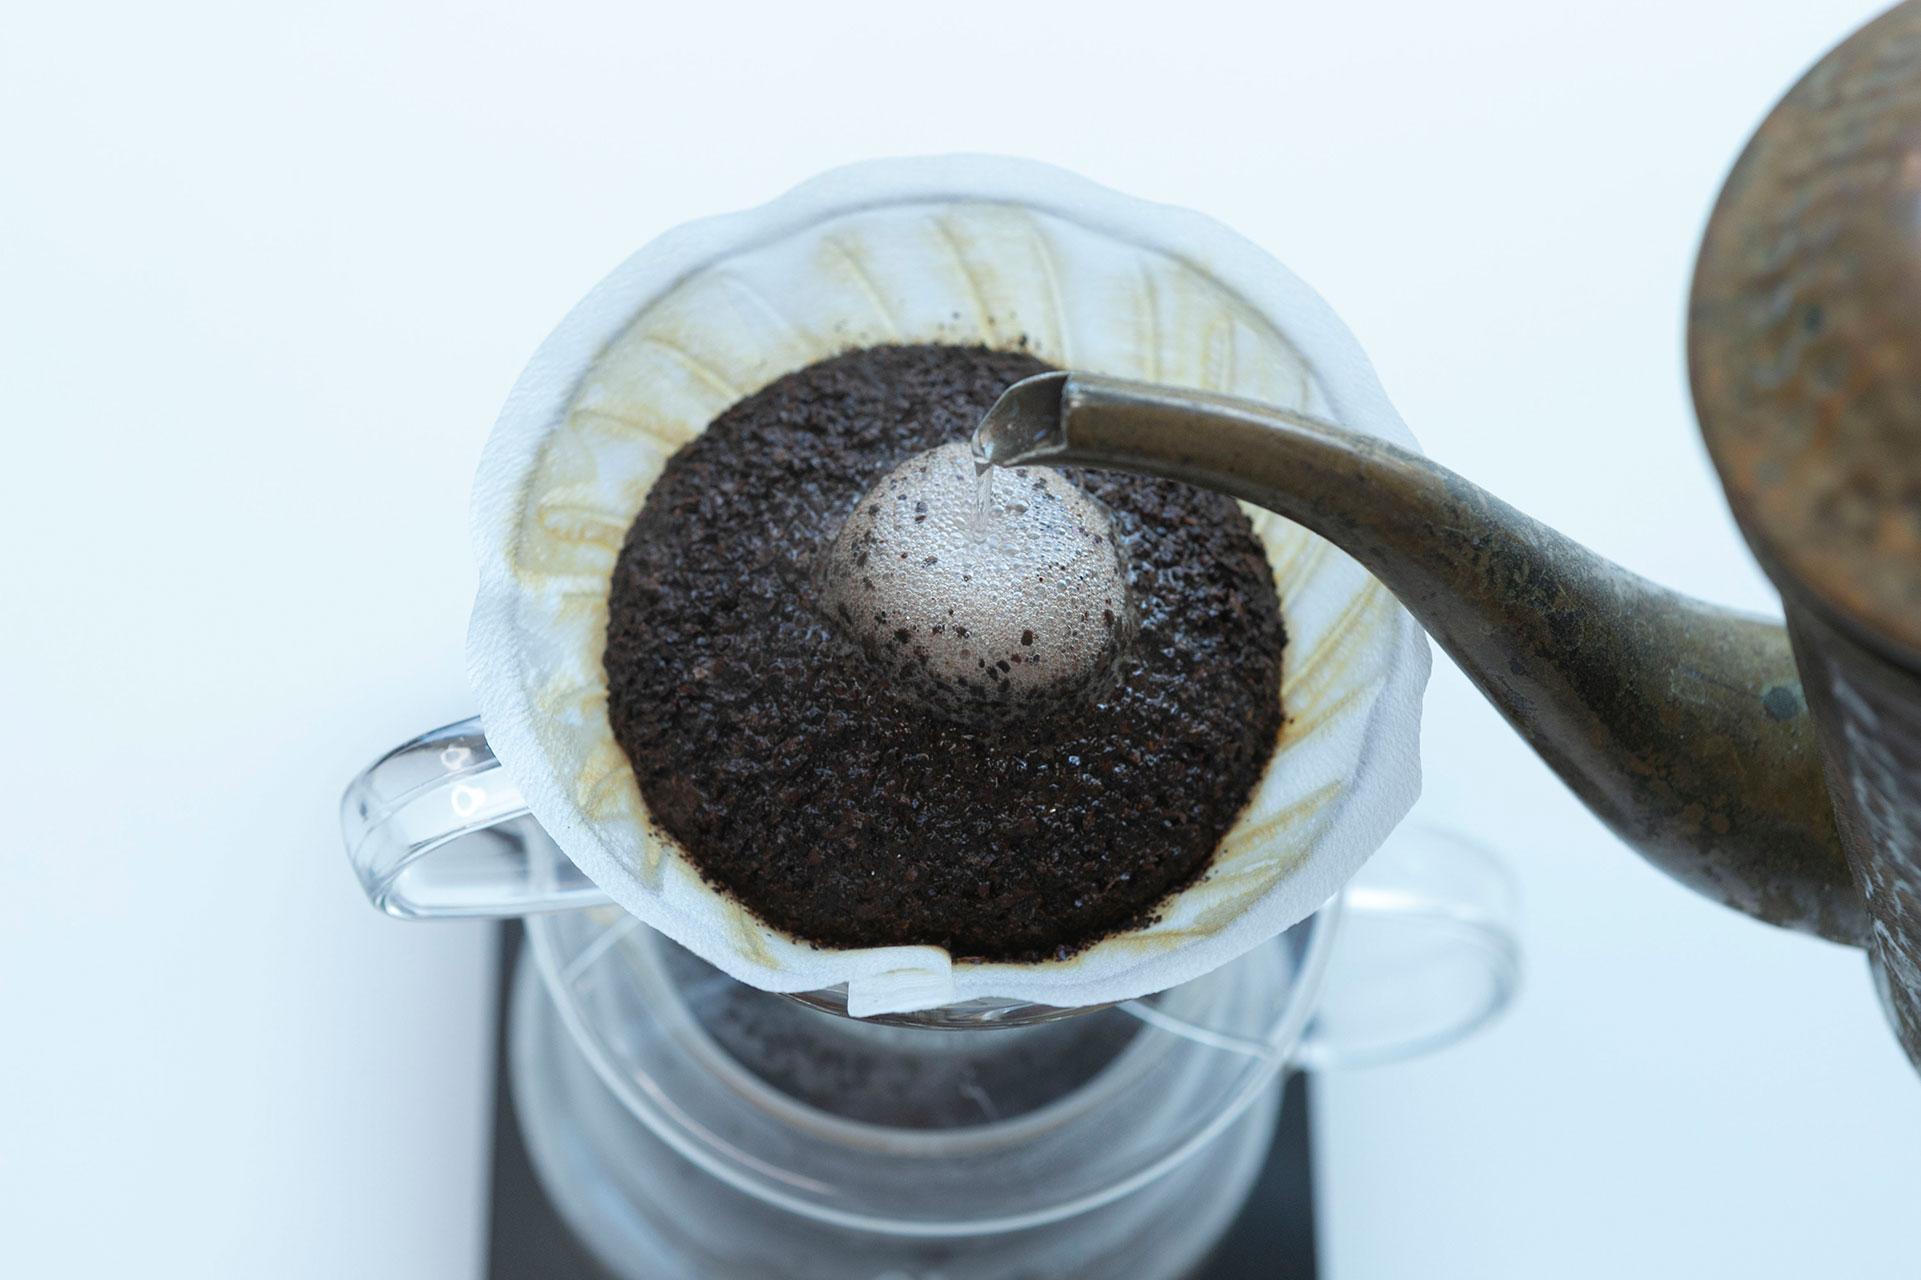 コーヒーの粉の膨らみ 100円玉の大きさ